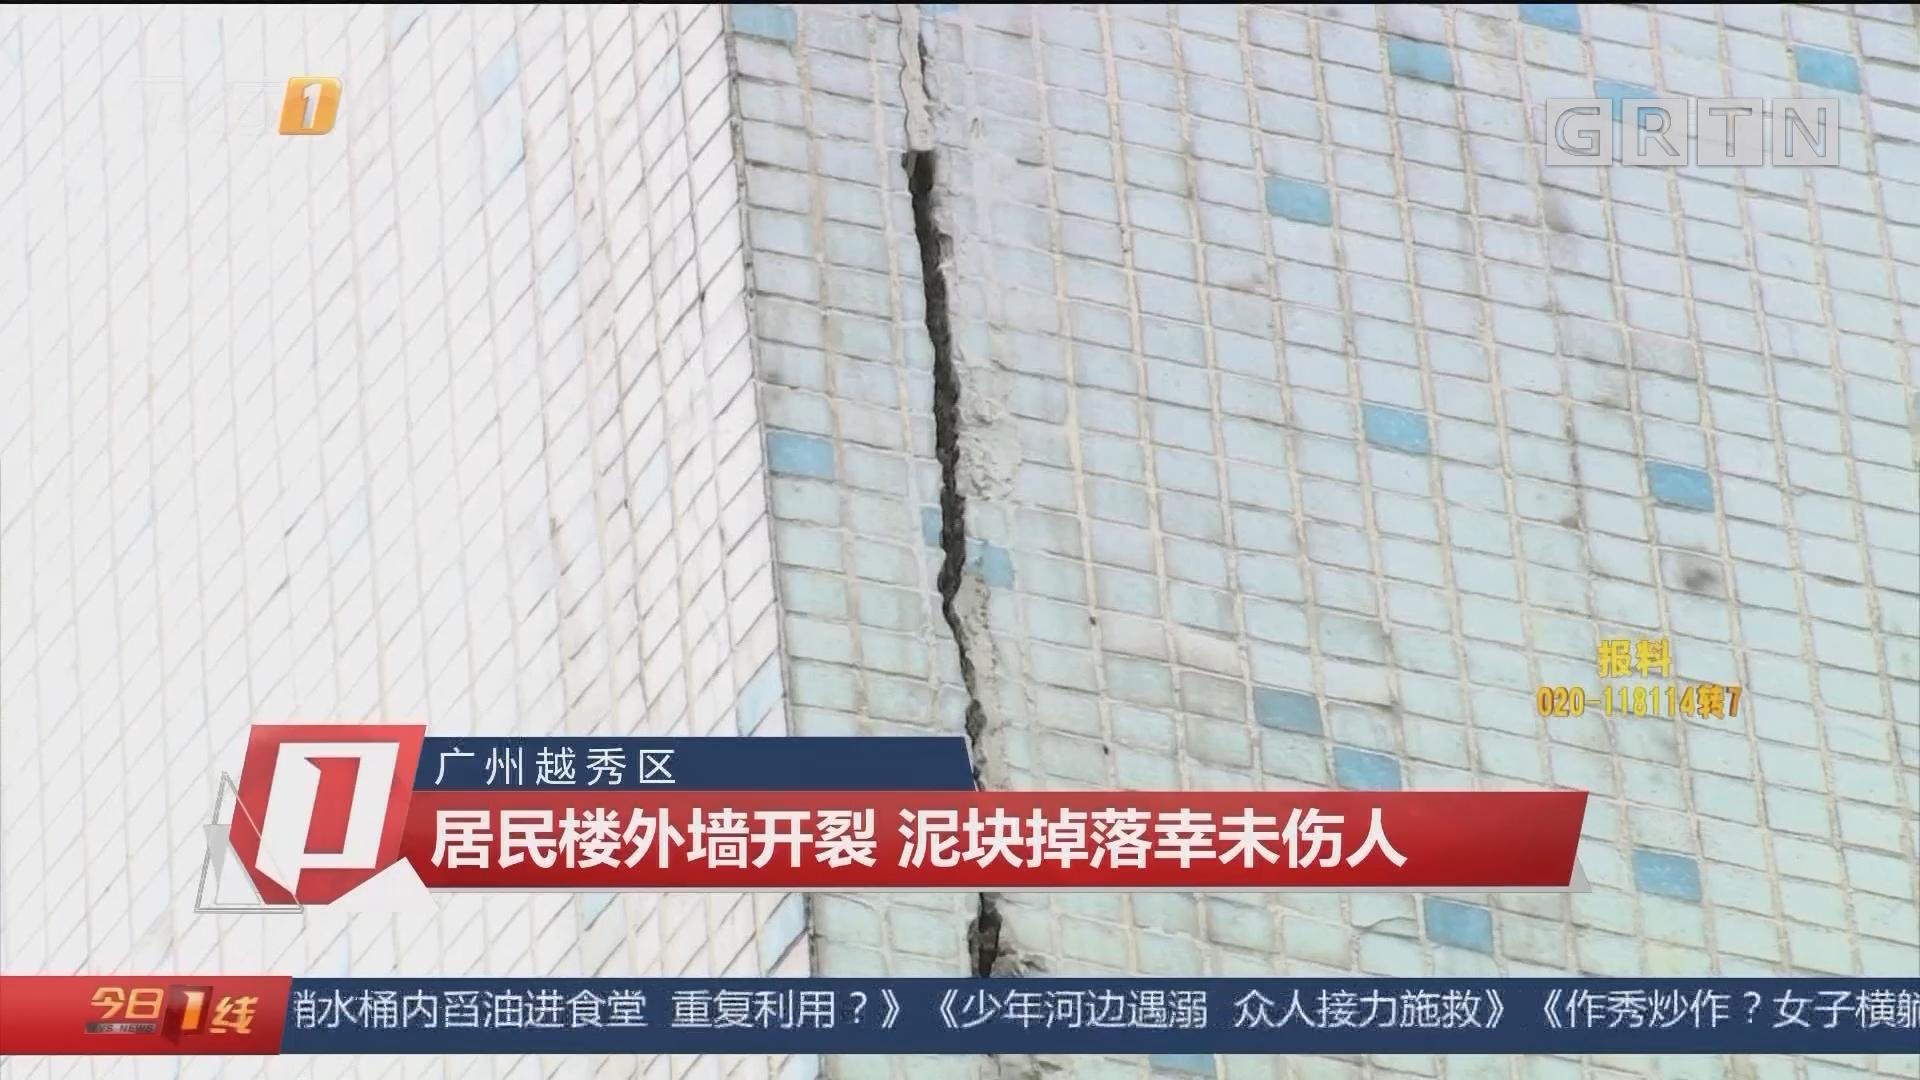 广州越秀区:居民楼外墙开裂 泥块掉落幸未伤人